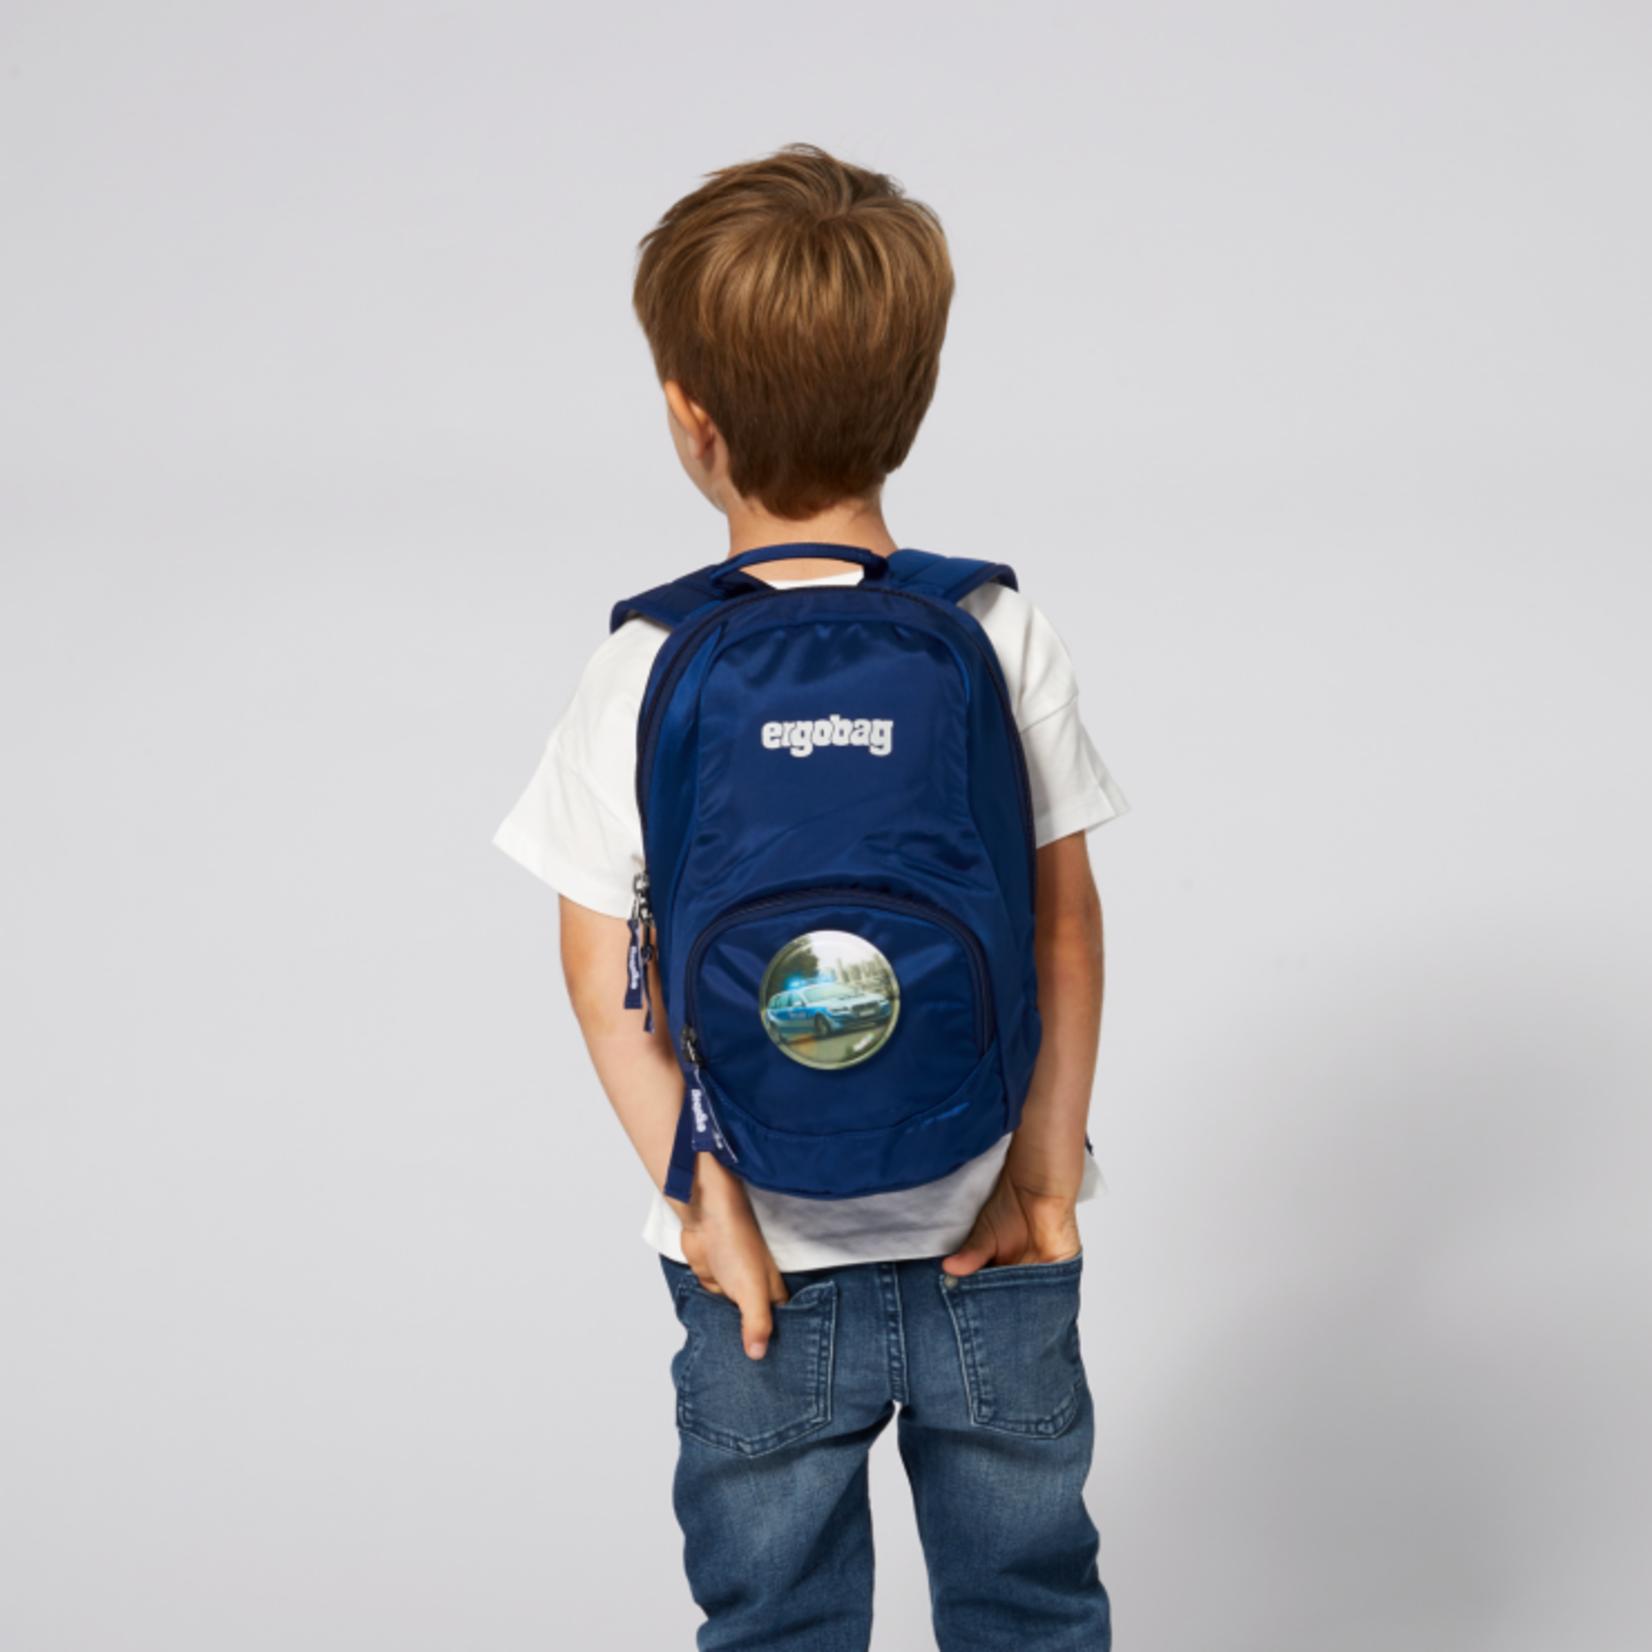 ERGOBAG Ergobag Ease Small Kinderrucksack Bärni